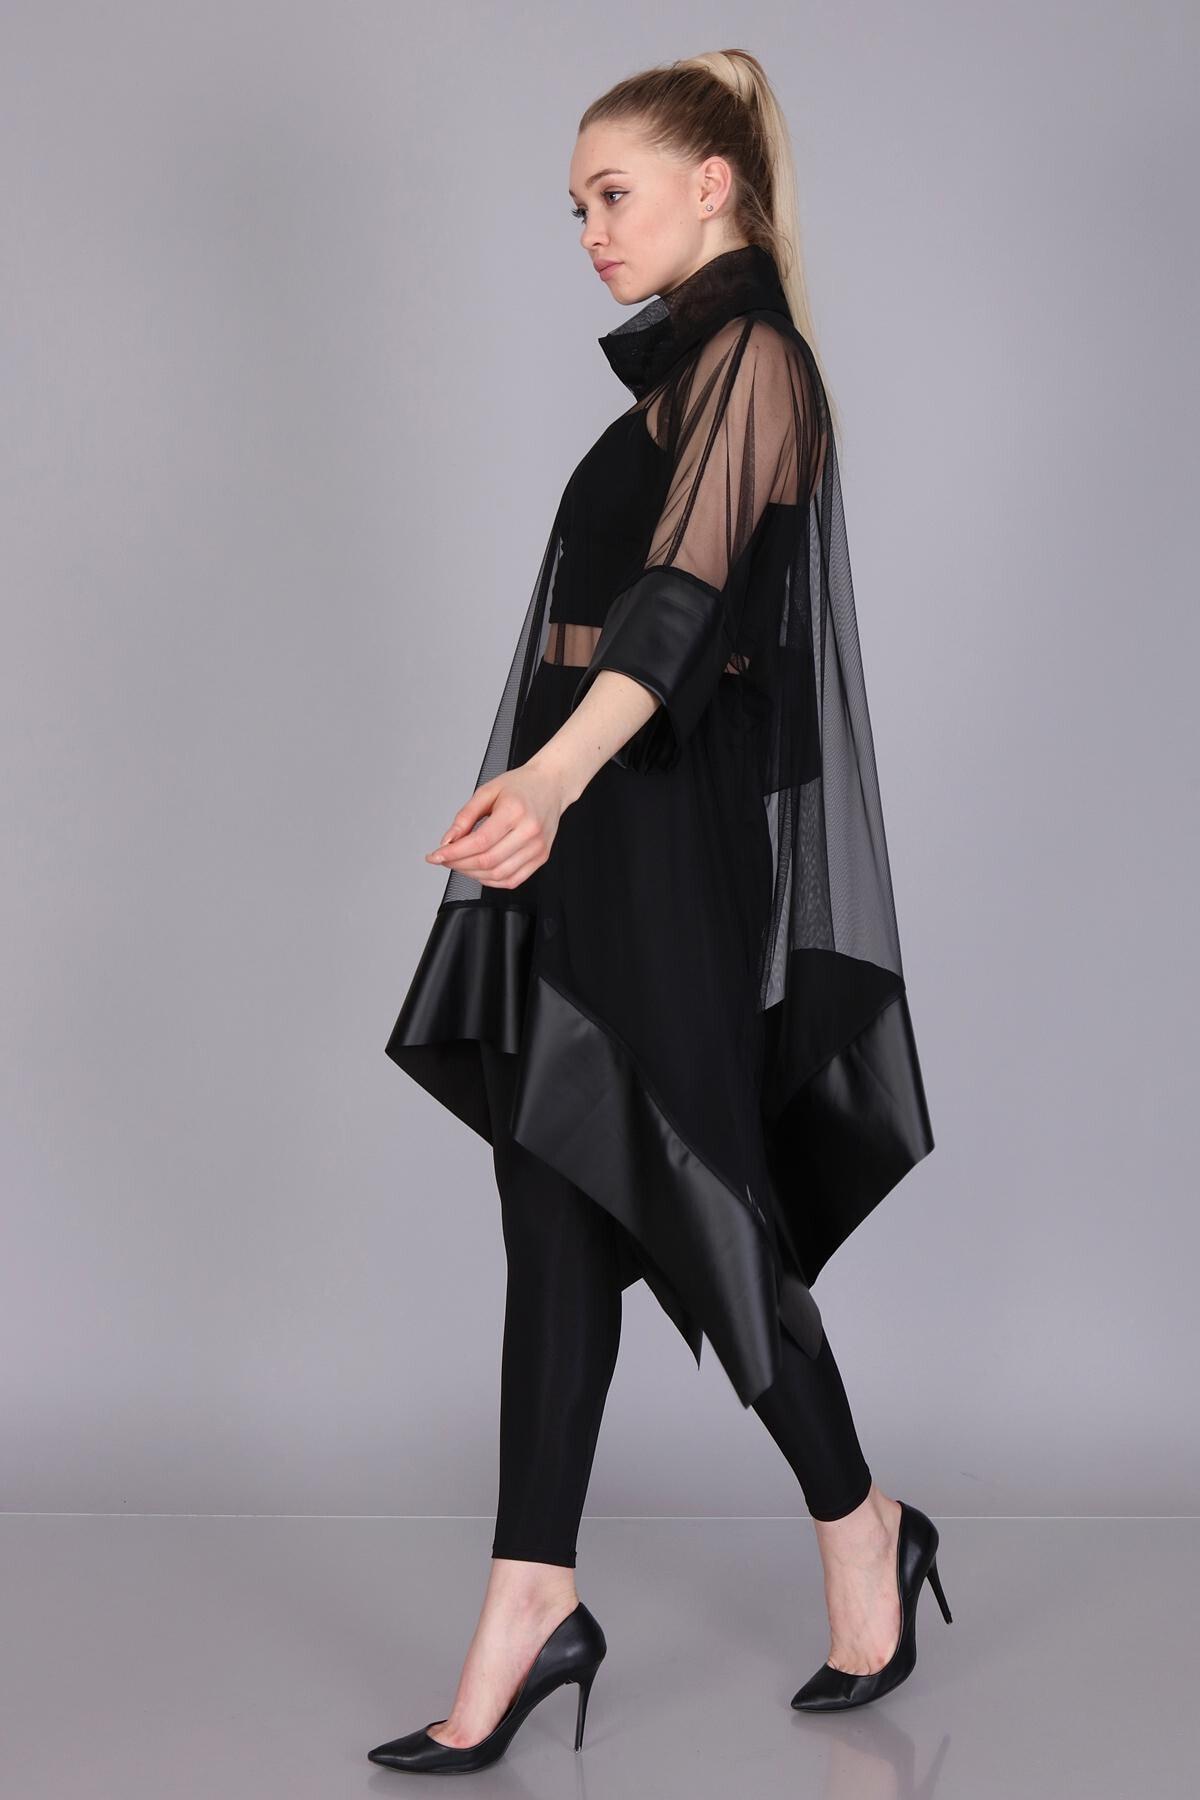 Mi&So Kadın Siyah Tül Derili Bluz M&S5101Pnç 3